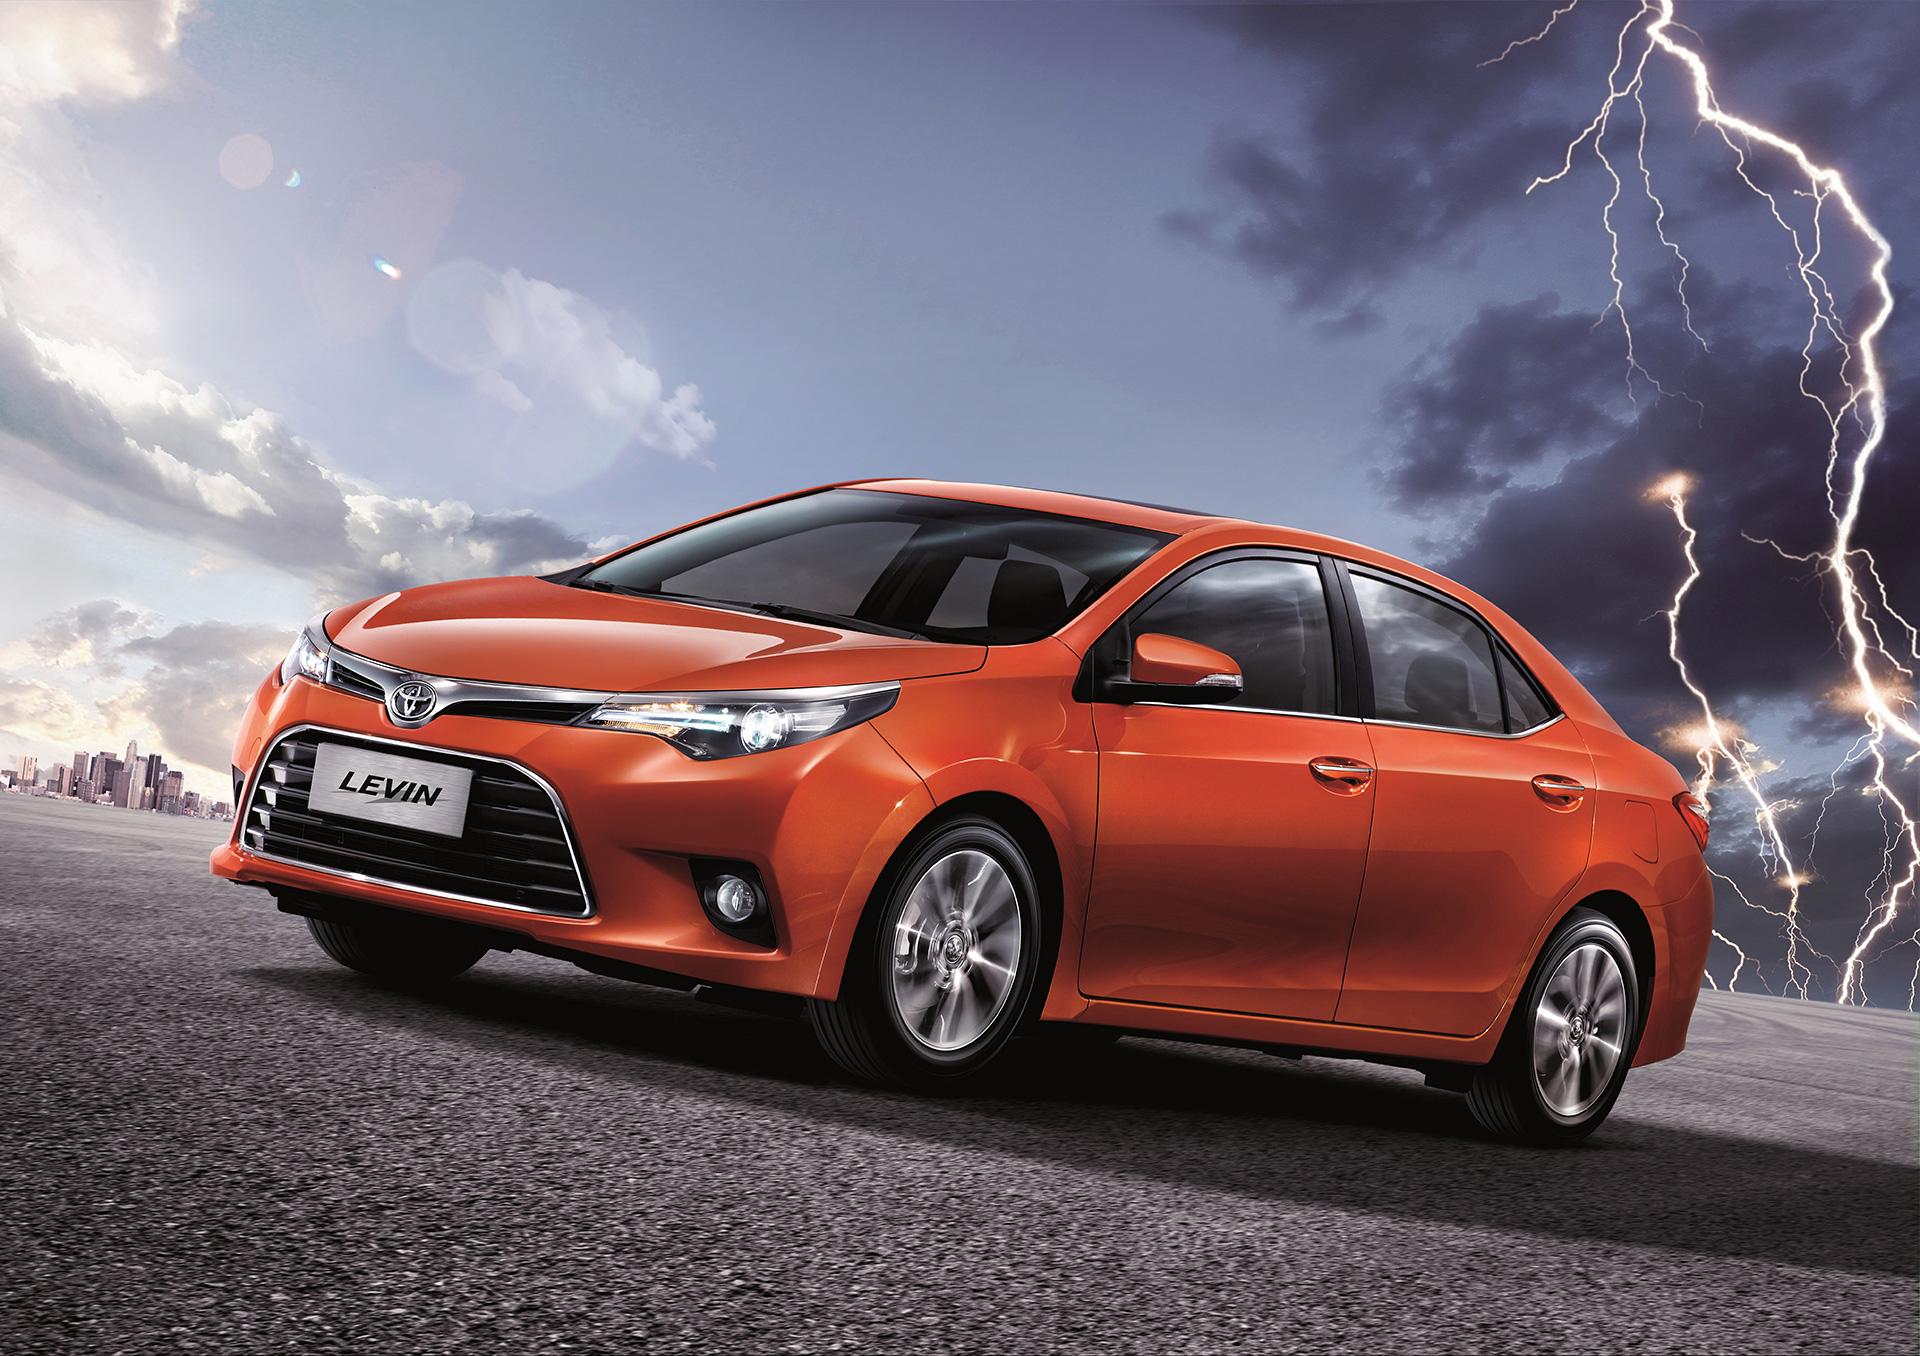 Kelebihan Levin Toyota Murah Berkualitas